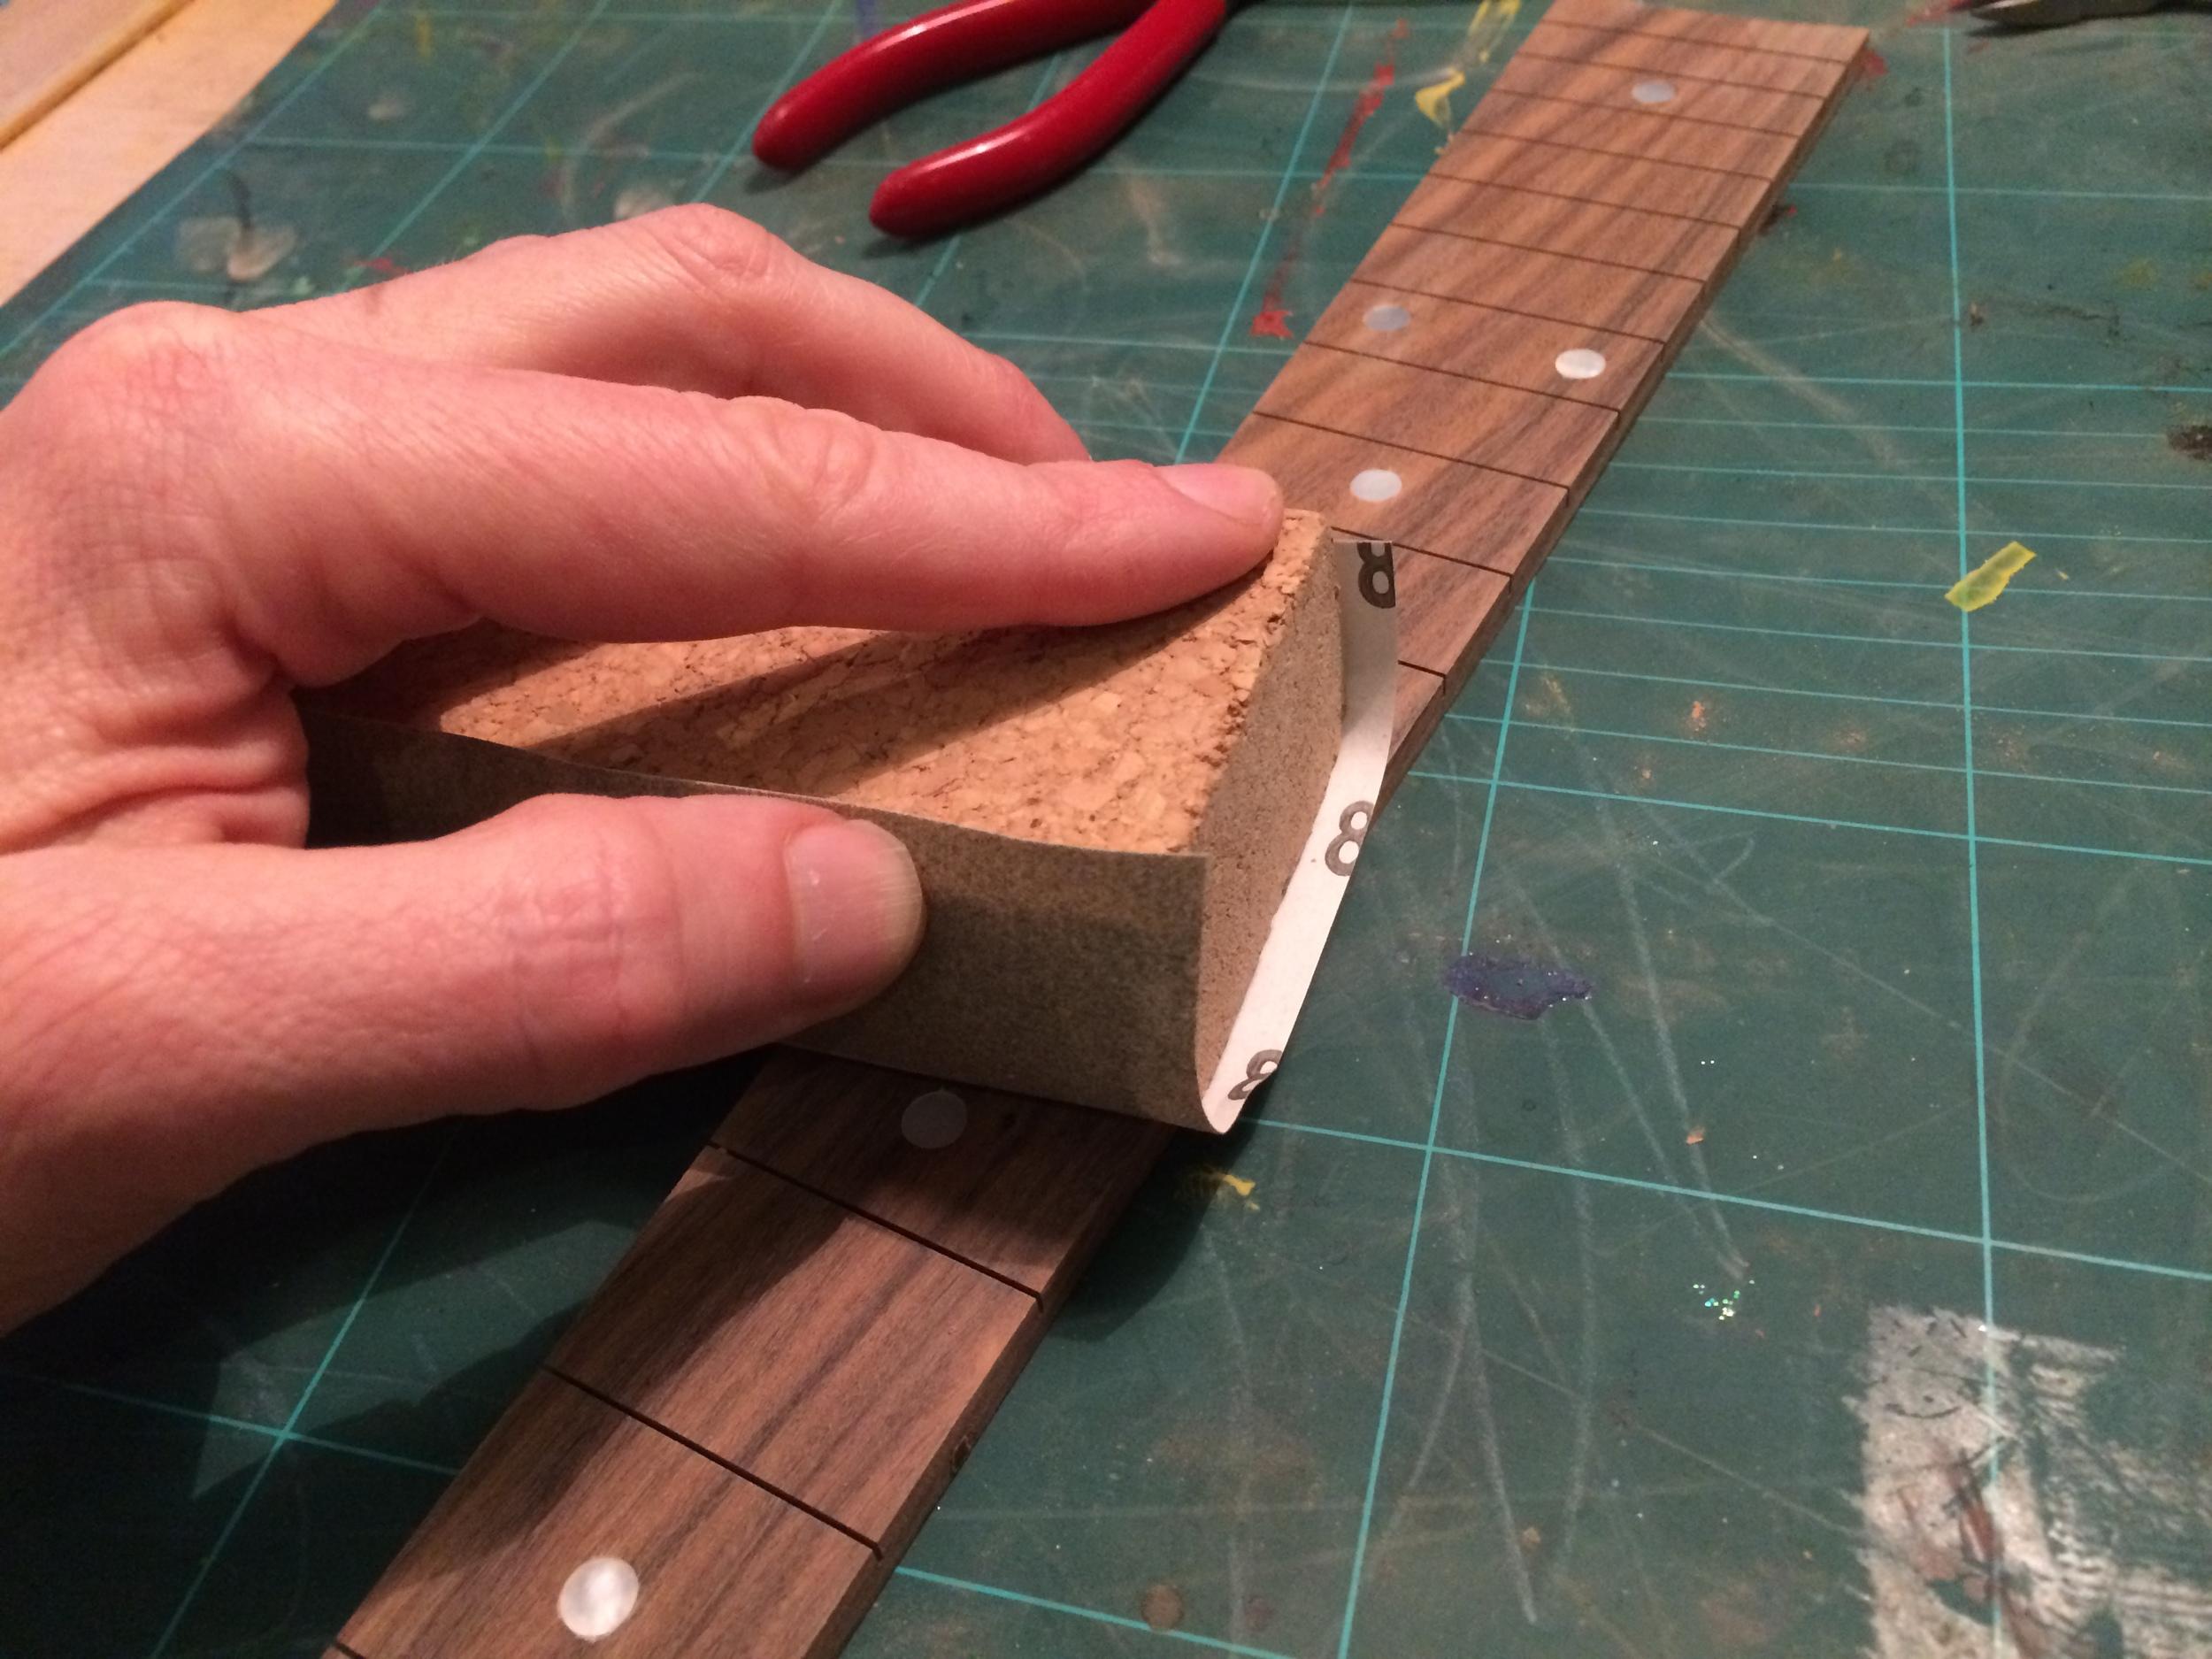 Flattening the fretboard